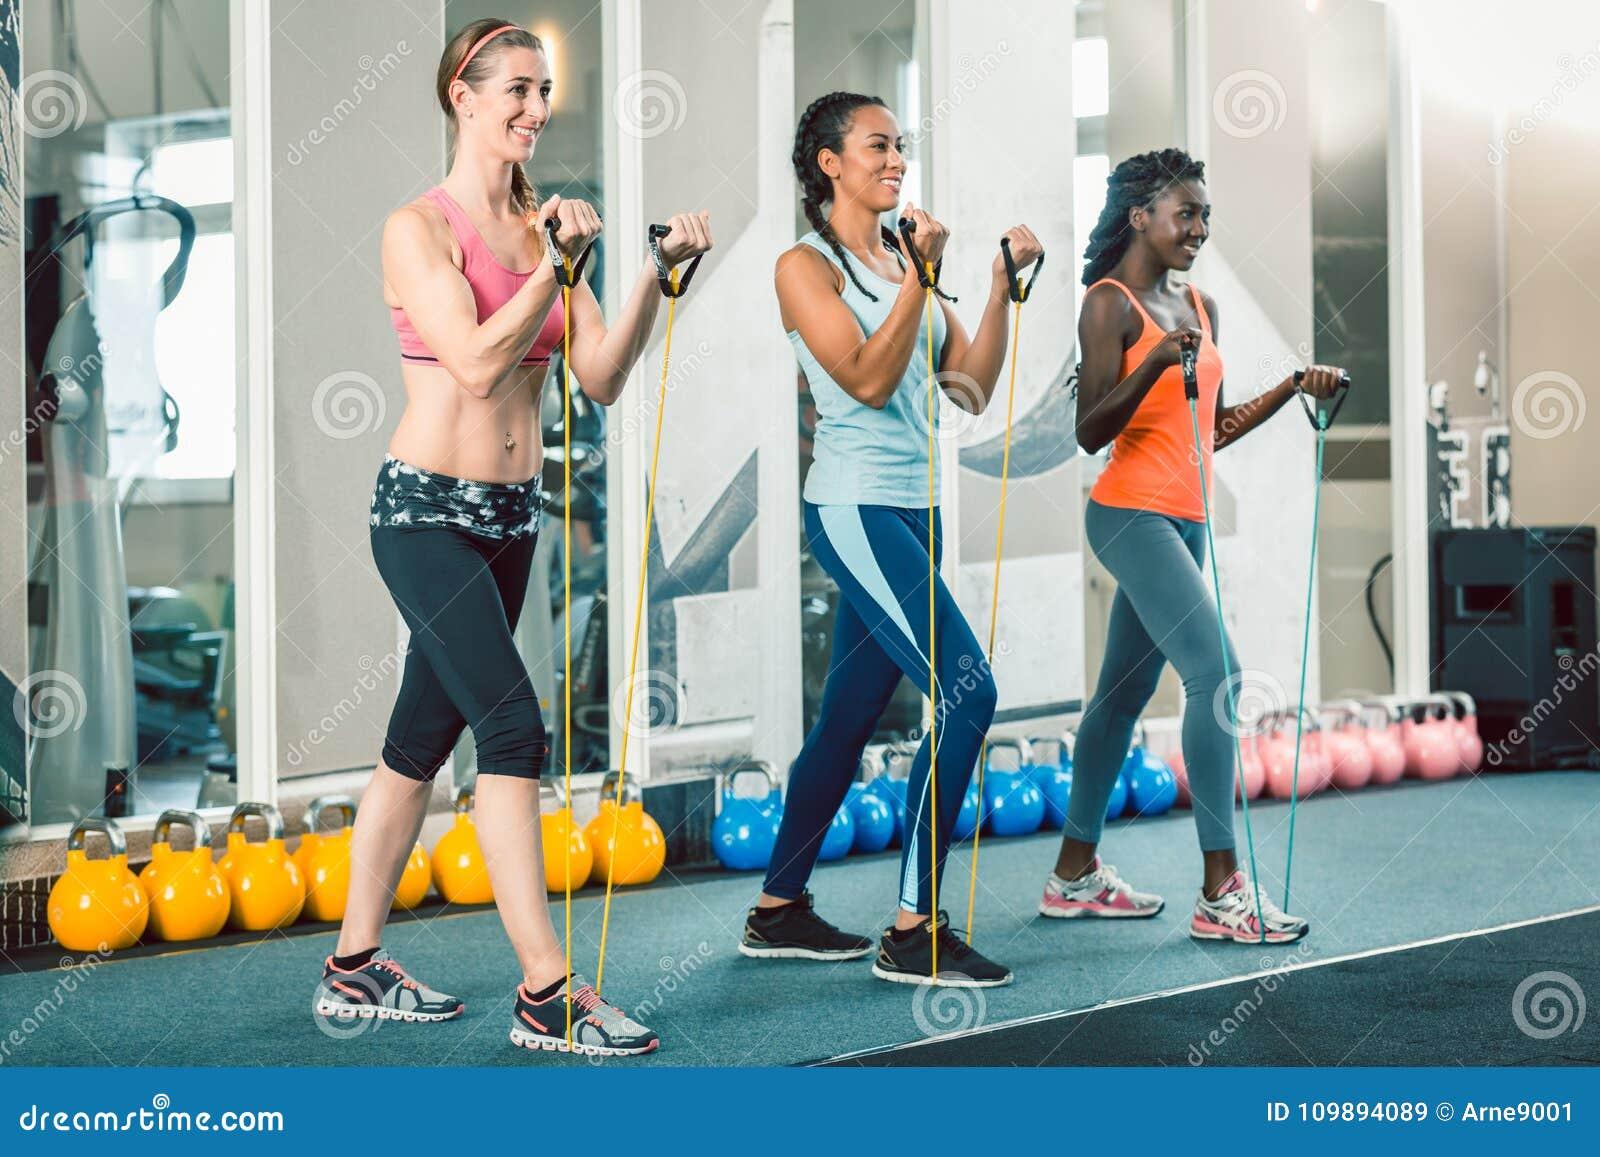 Volledige lengte van drie geschikte vrouwen die met weerstandsbanden uitoefenen